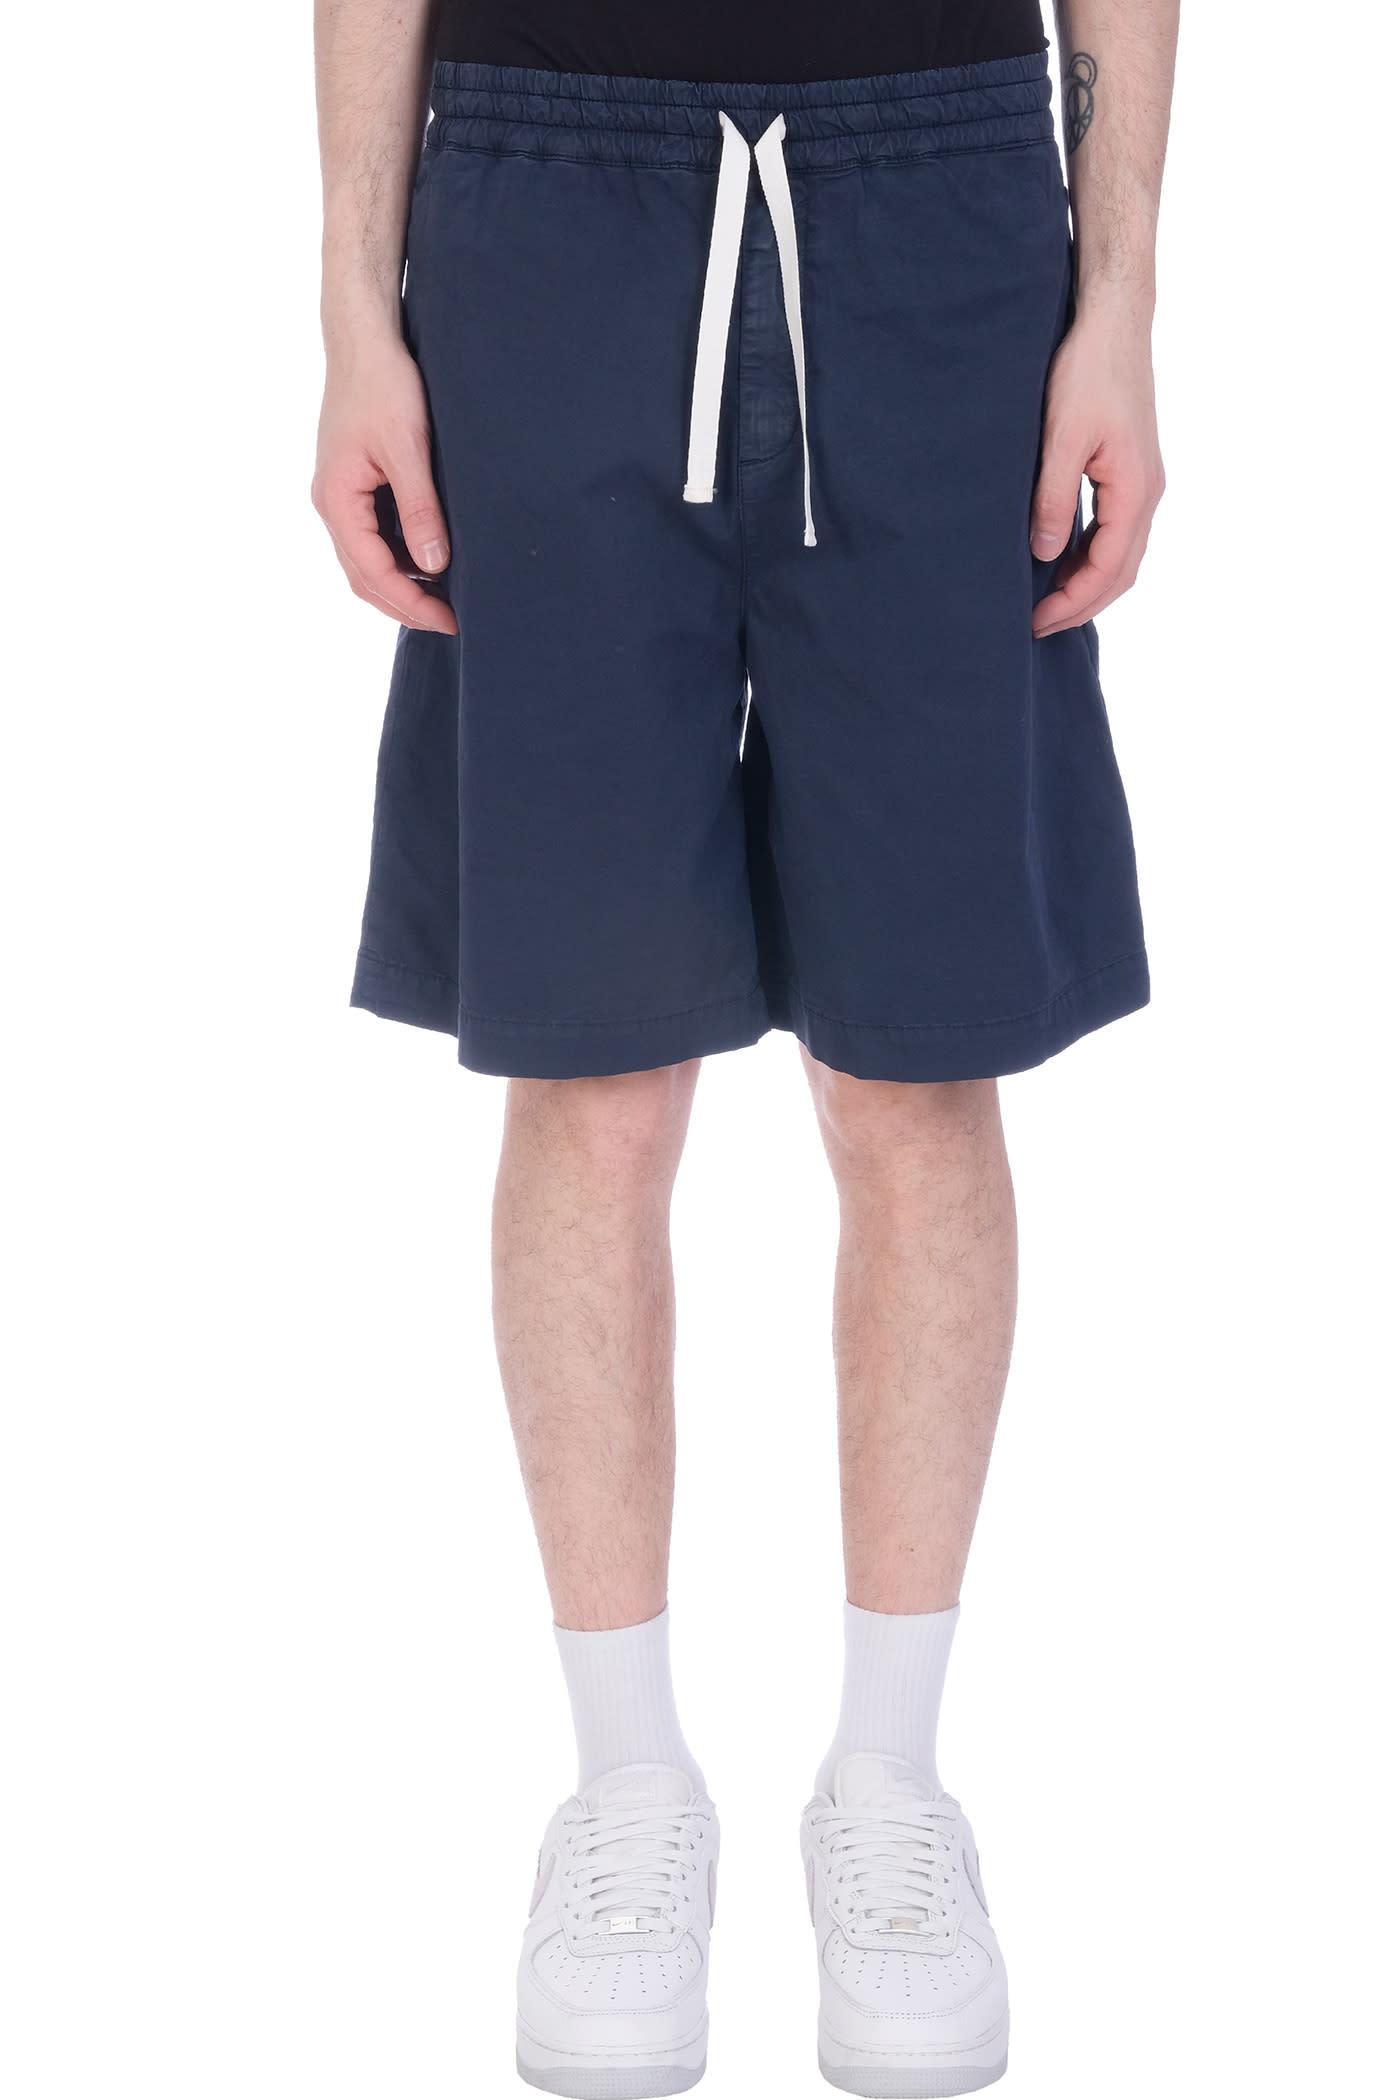 Baviera Shorts In Blue Cotton